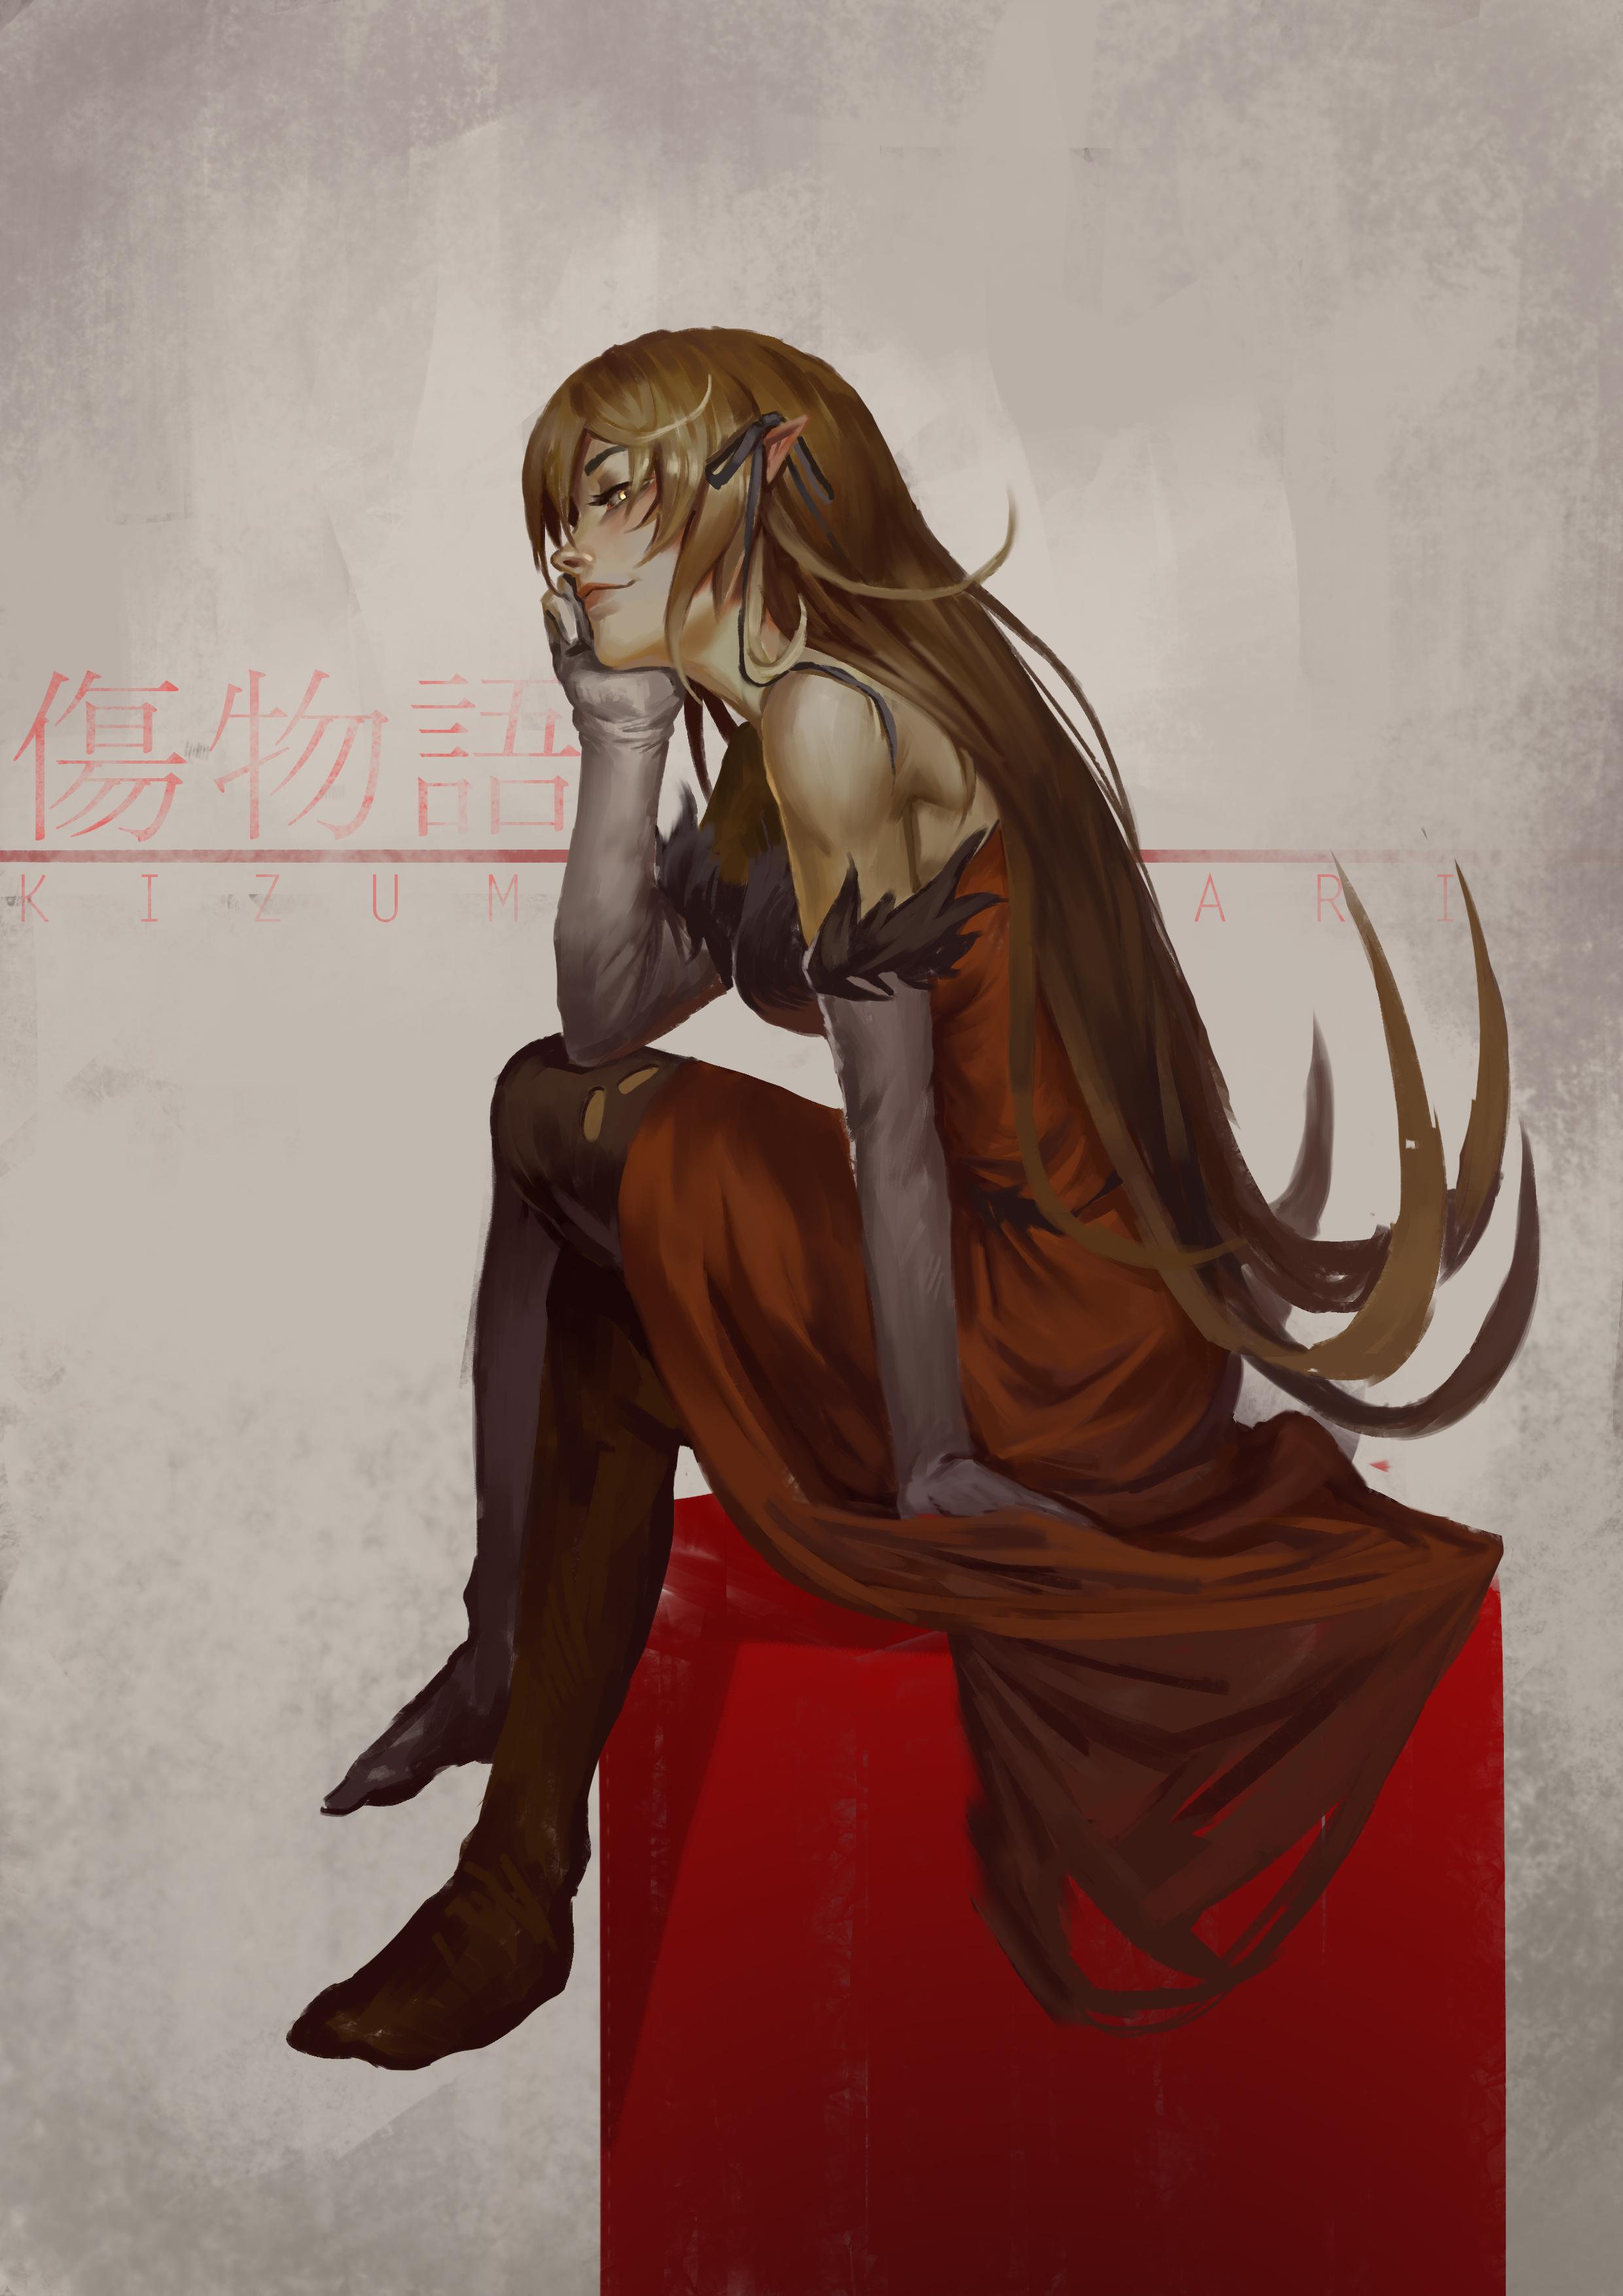 Monogatari Series Red Dress Barefoot Long Sleeves Long Hair Blond Hair Monster Girl Vampires Anime G 2480x3508